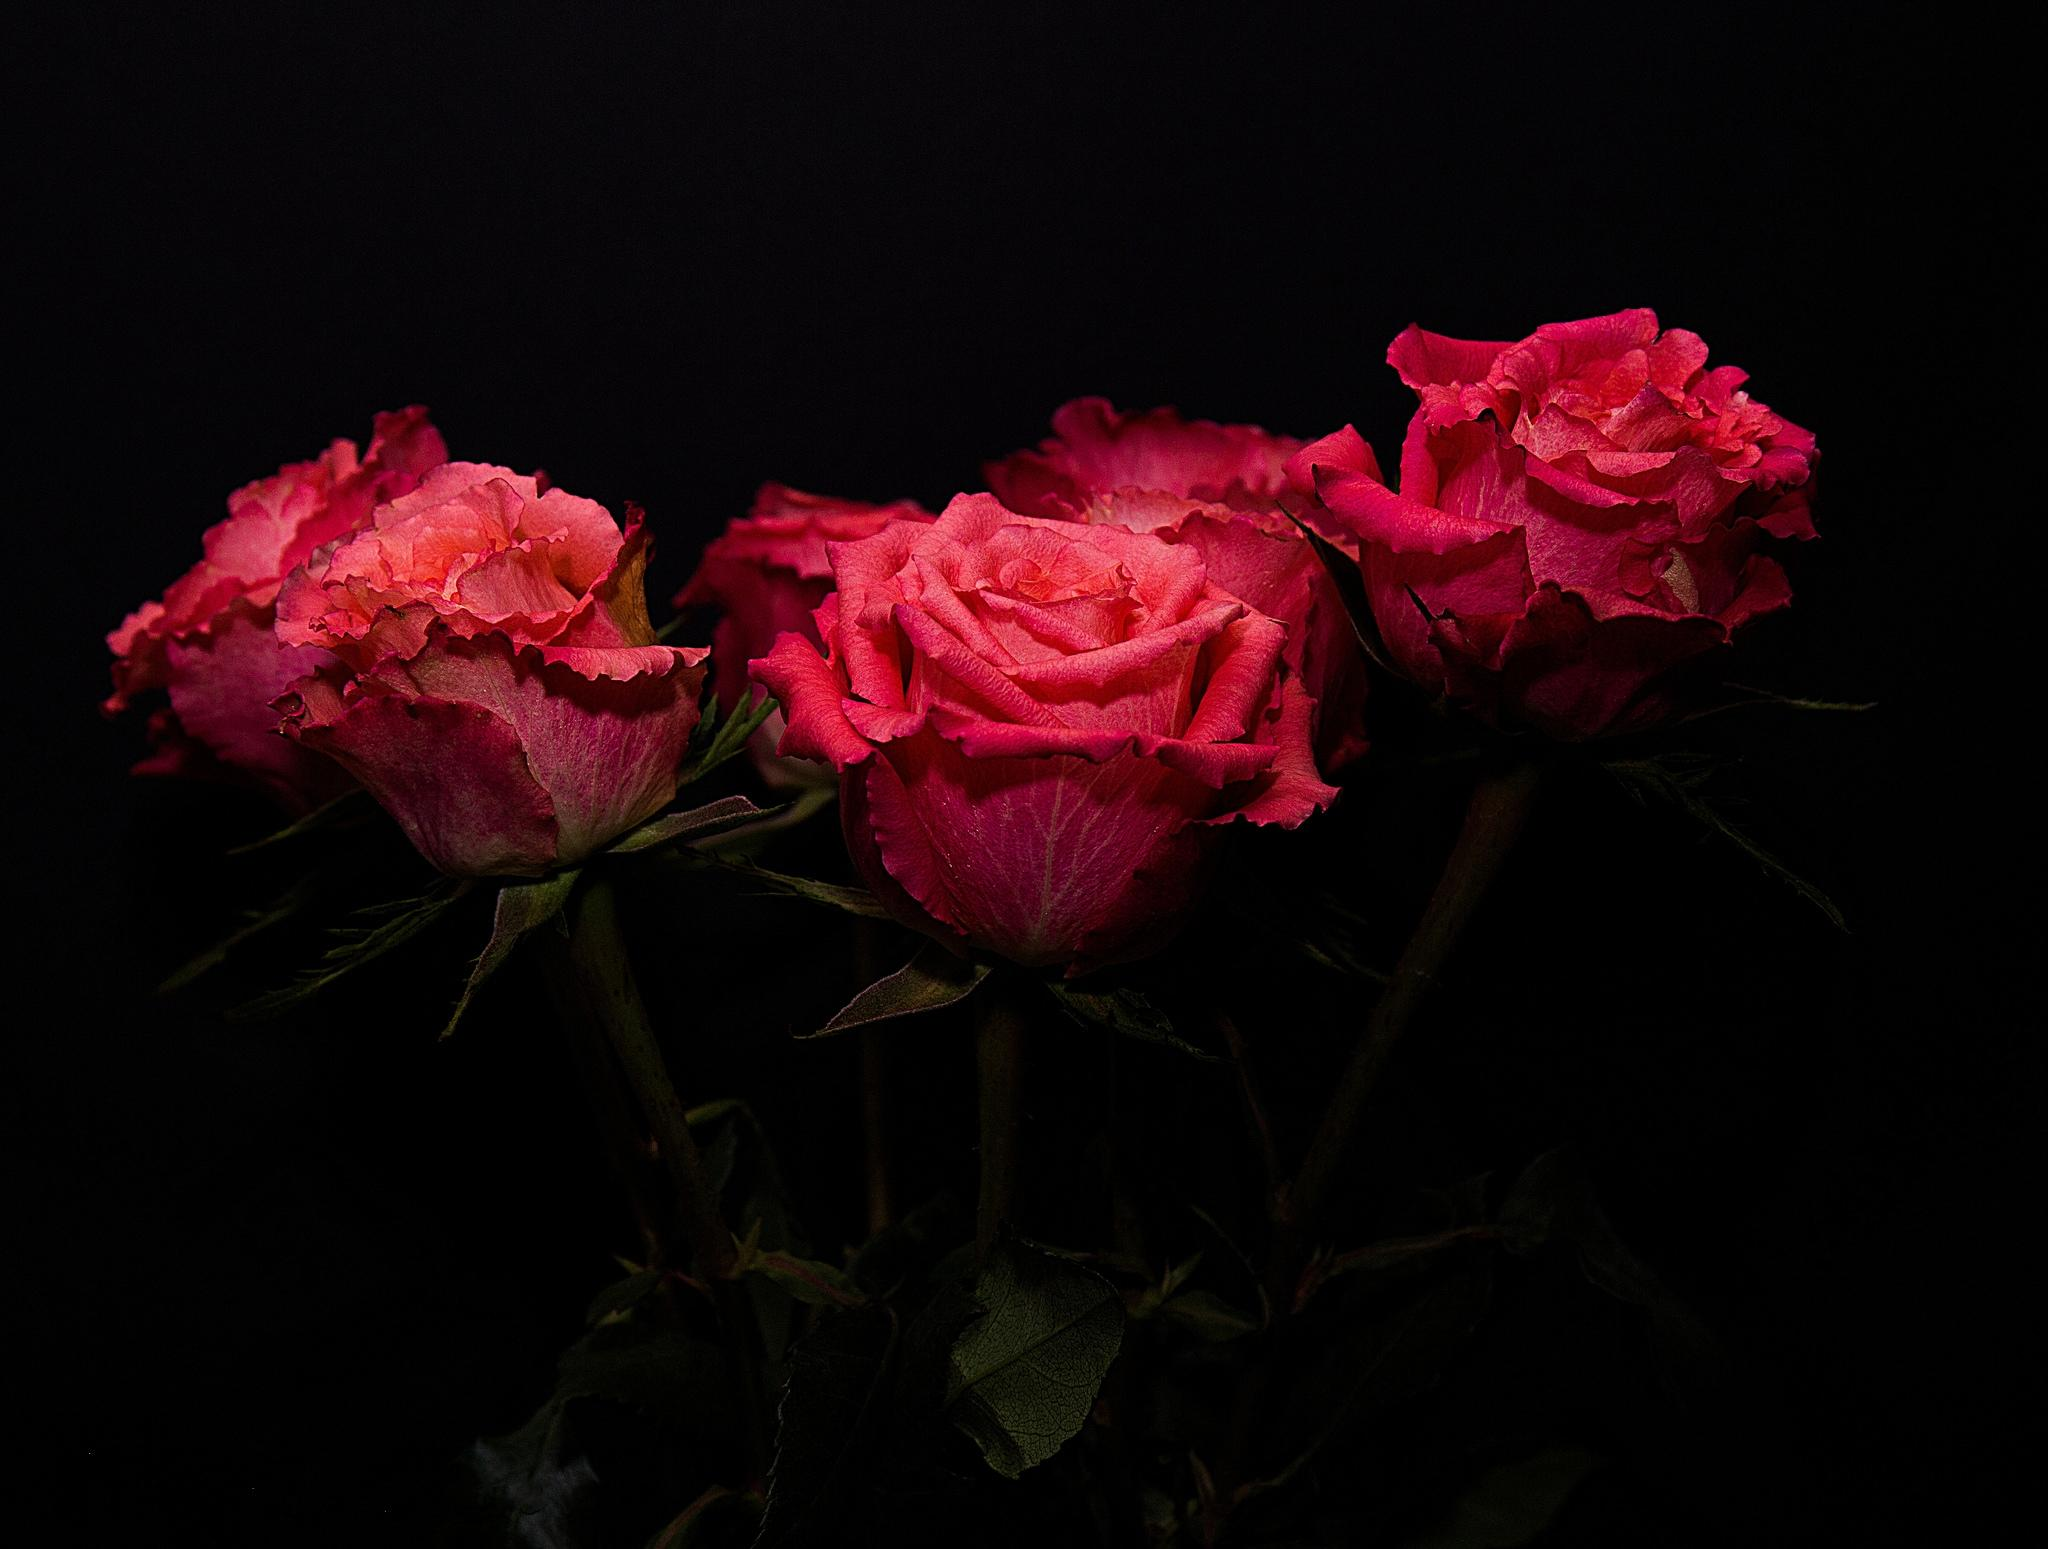 розы, чёрный фон, цветы, флора